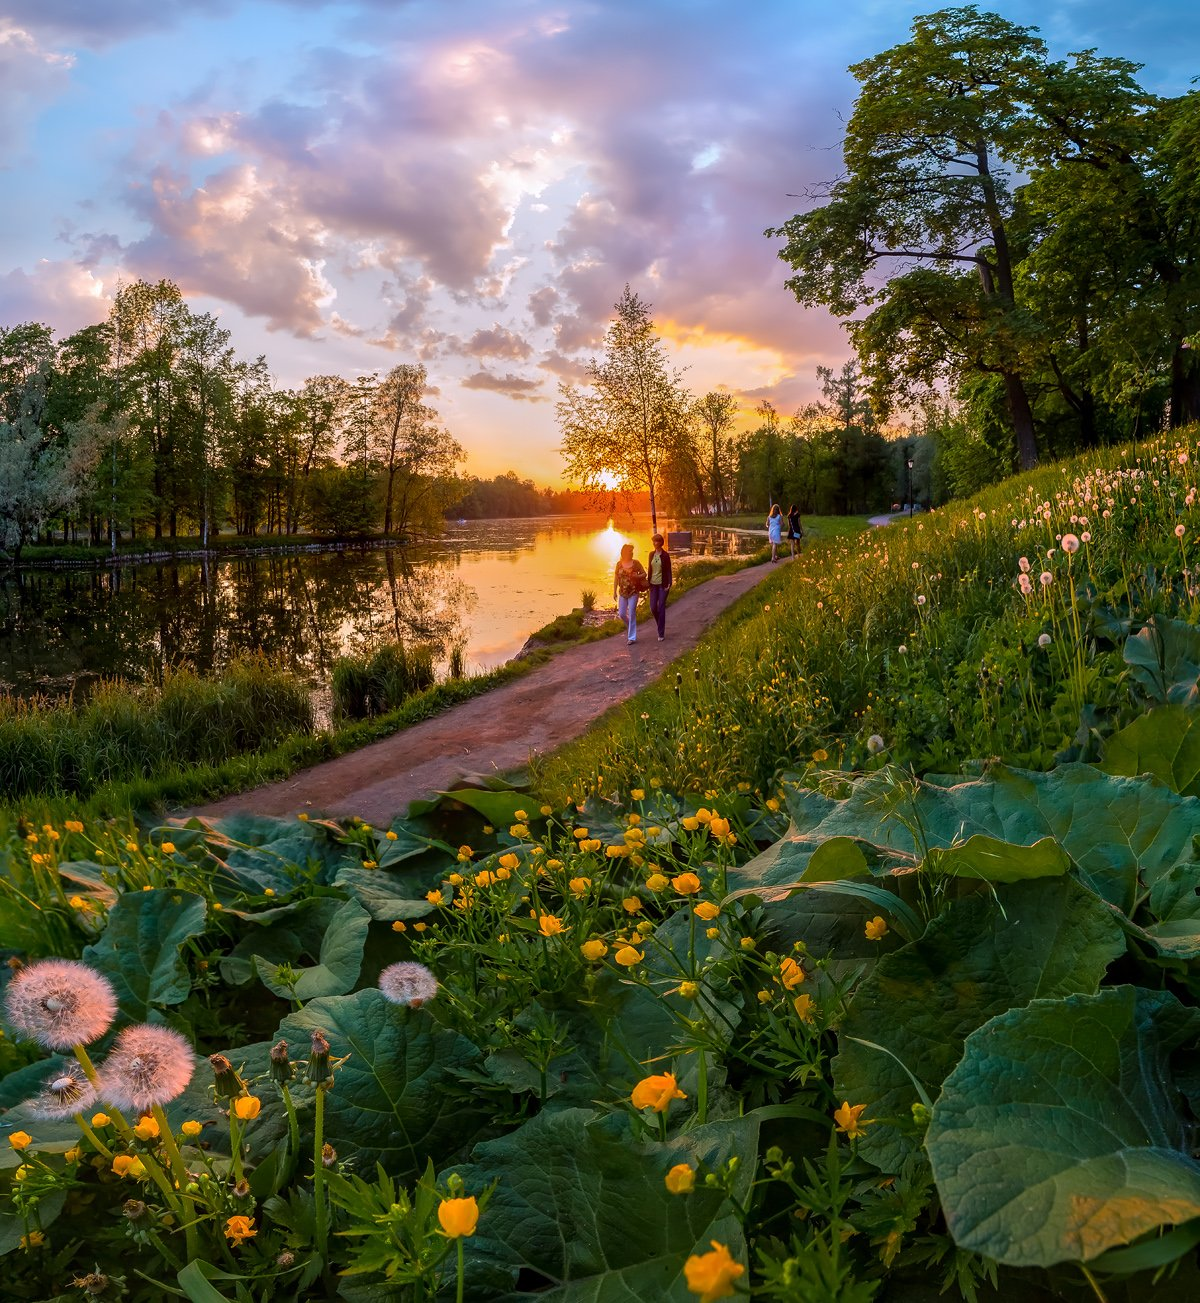 весна, парк, гатчина, цветы, закат, люди, любовь, одуванчики, лопух, лютики, пруд, деревья, тропа, дорожка, прогулка., Лашков Фёдор